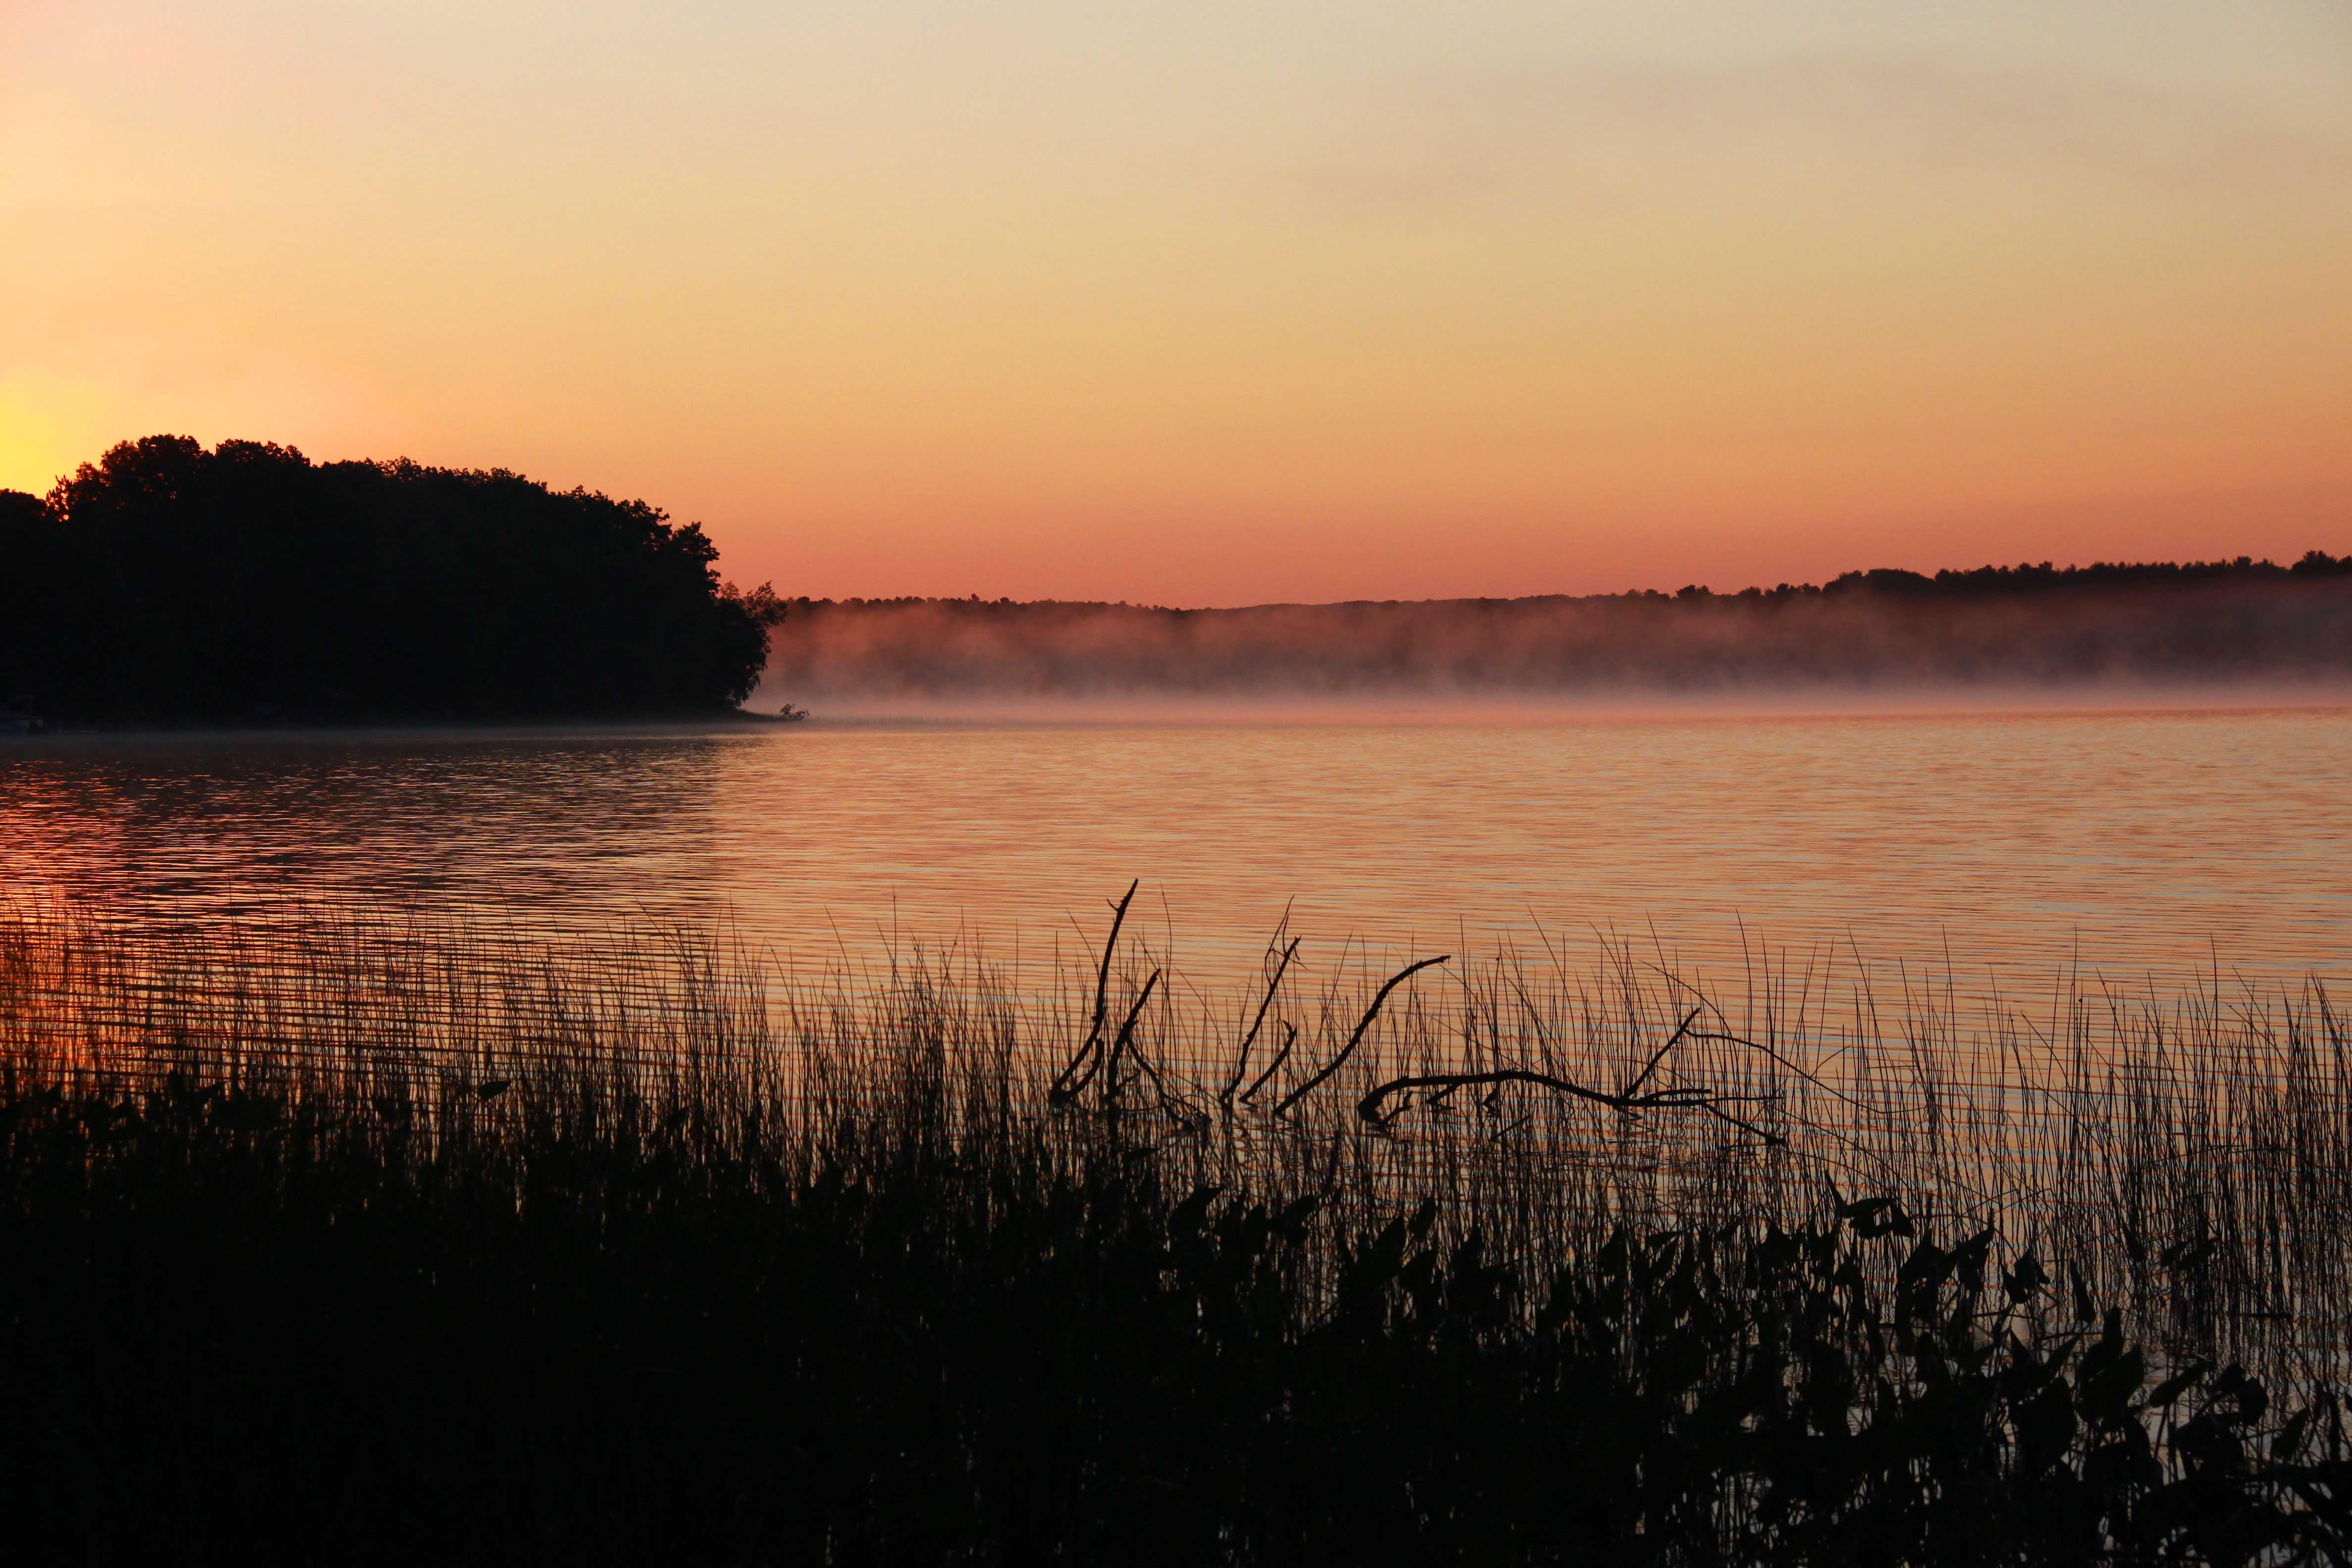 Sunrise on Whitefish Lake - Stone Lake, Wisconsin